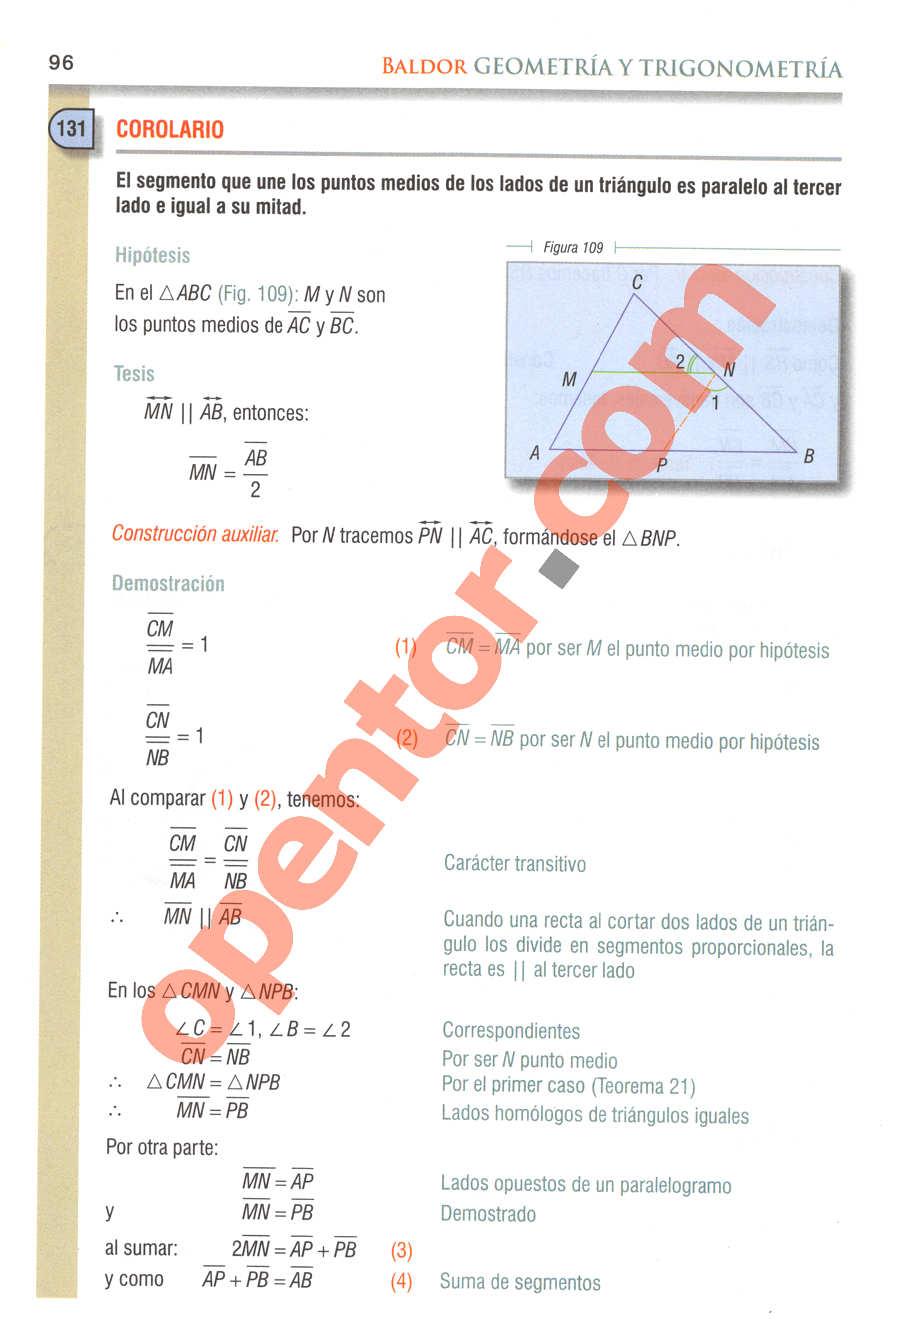 Geometría y Trigonometría de Baldor - Página 96